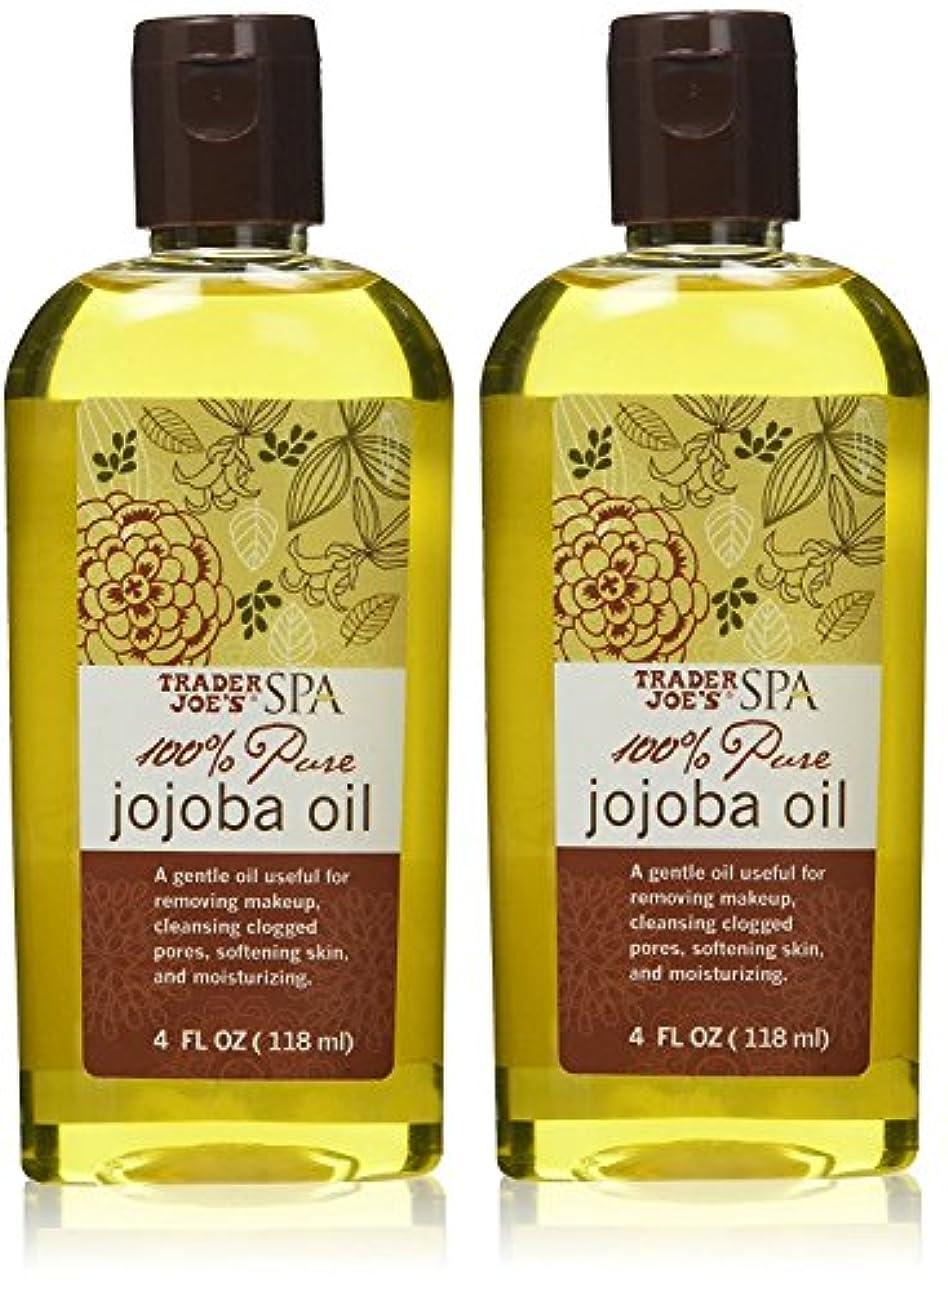 挨拶する上院肉屋トレーダージョーズ 100%ピュア ホホバオイル【2個セット】 [並行輸入品] Trader Joe's SPA 100% Pure Jojoba Oil (4FL OZ/118ml)